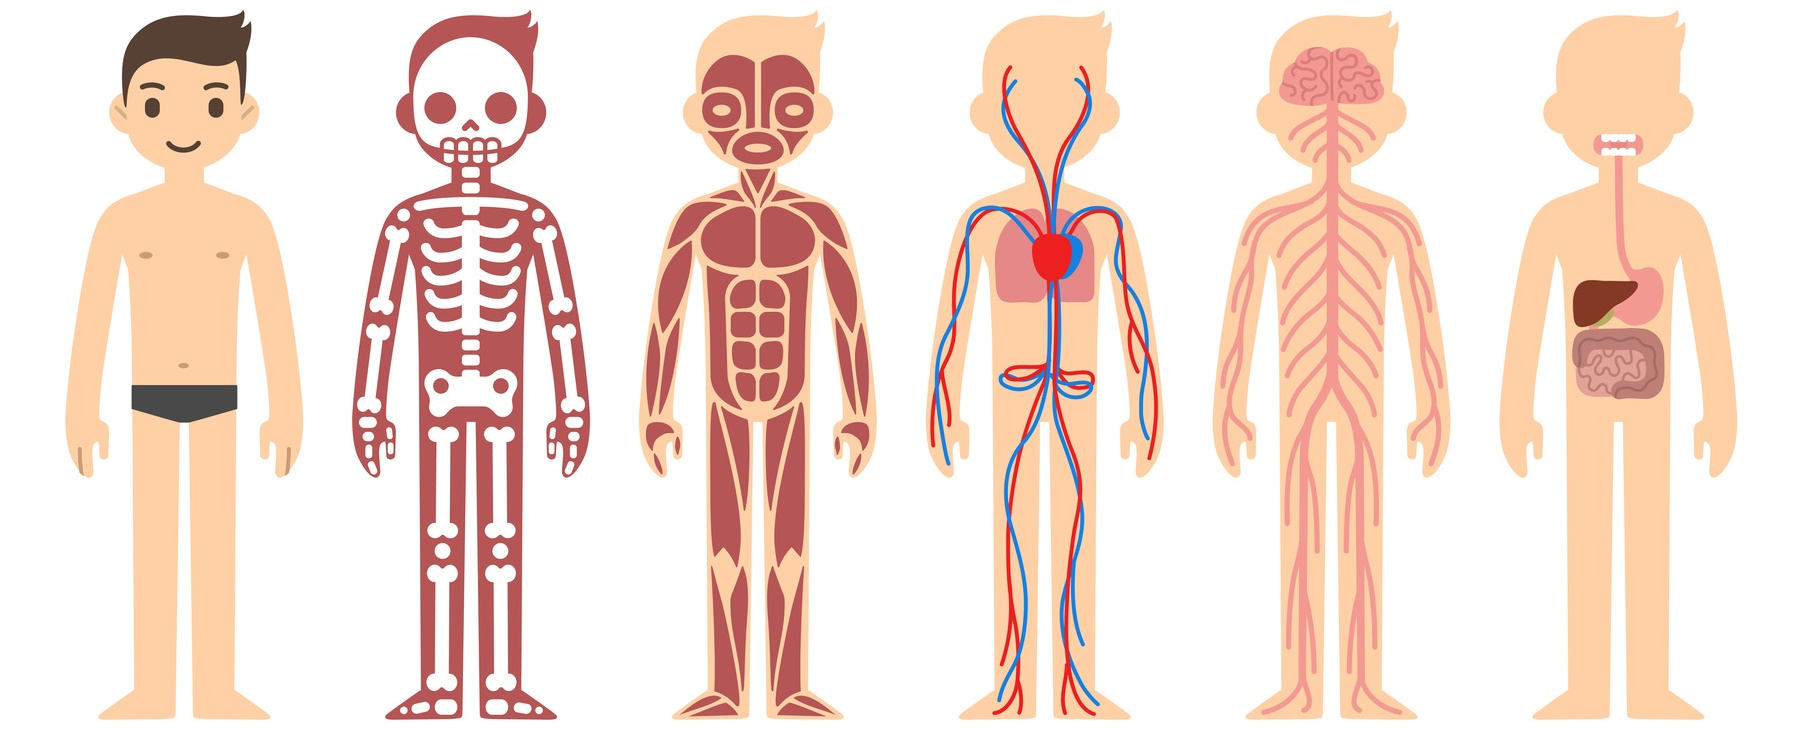 Stylized Male Body Anatomy Chart Skeletal Muscular Circulatory